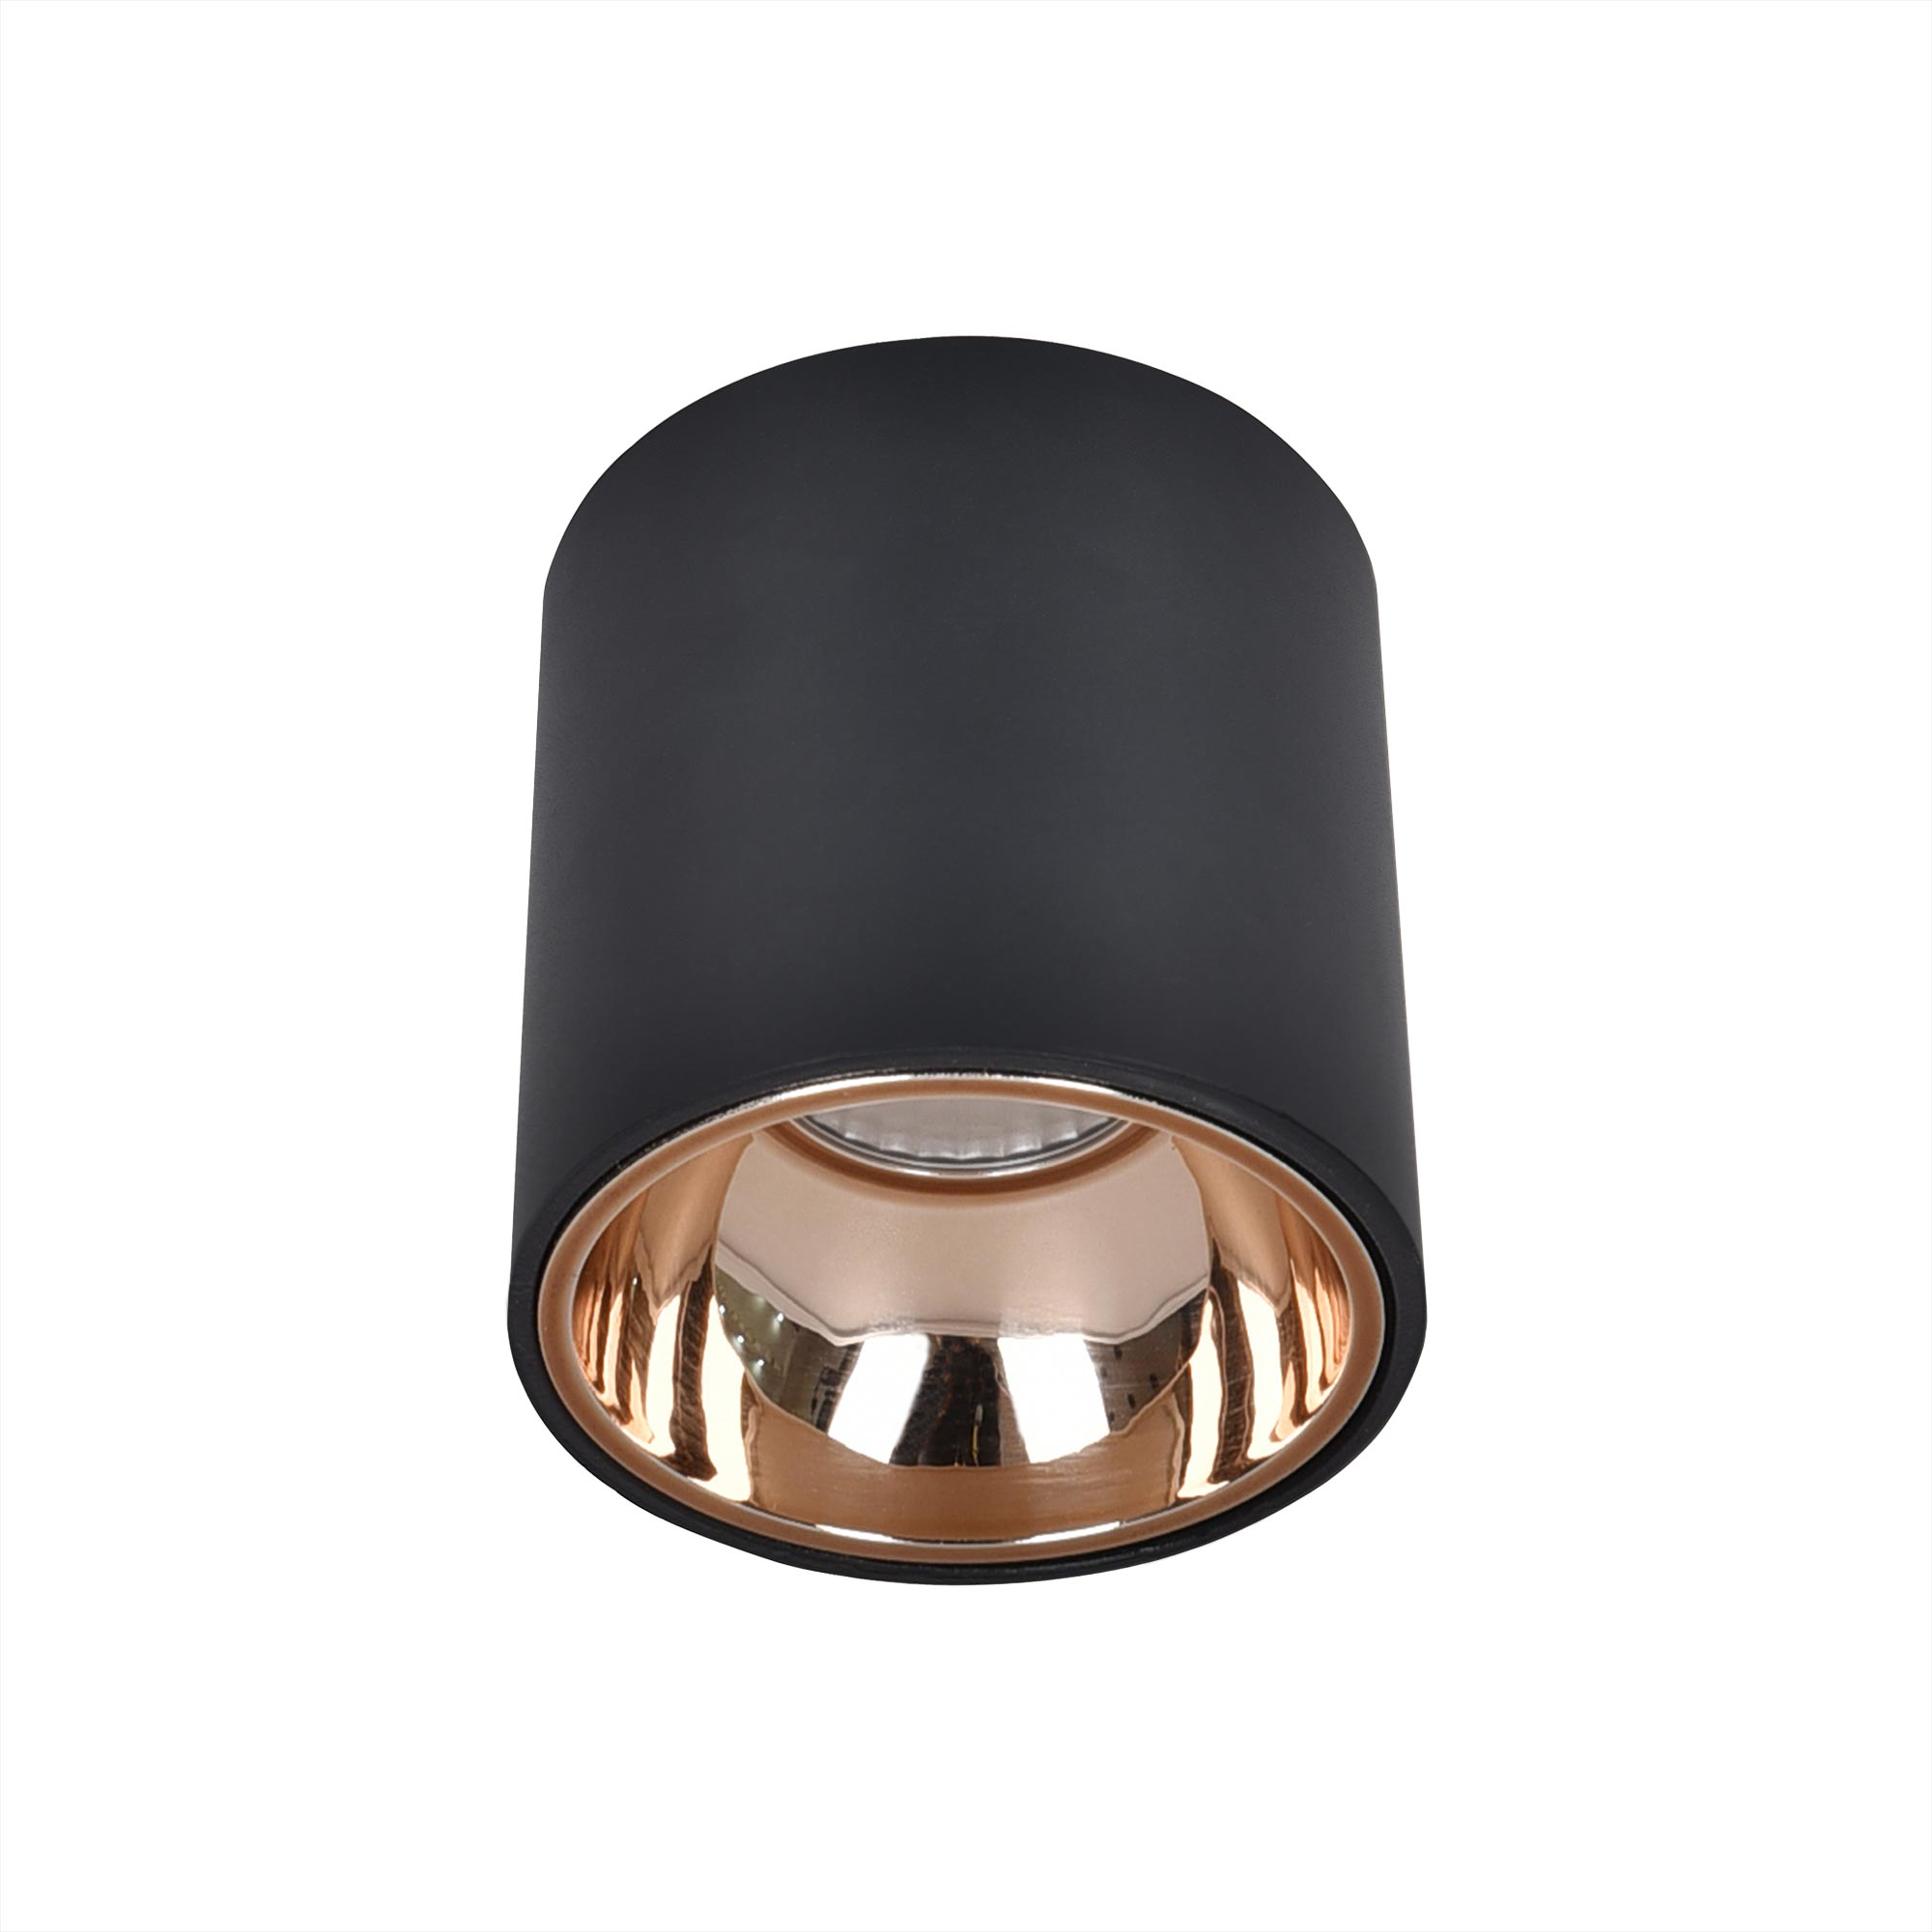 Настенно-потолочный светодиодный светильник Citilux cl7440113 старк 12wх3500k настенно потолочный светодиодный светильник citilux cl7440101 старк 12wх3500k